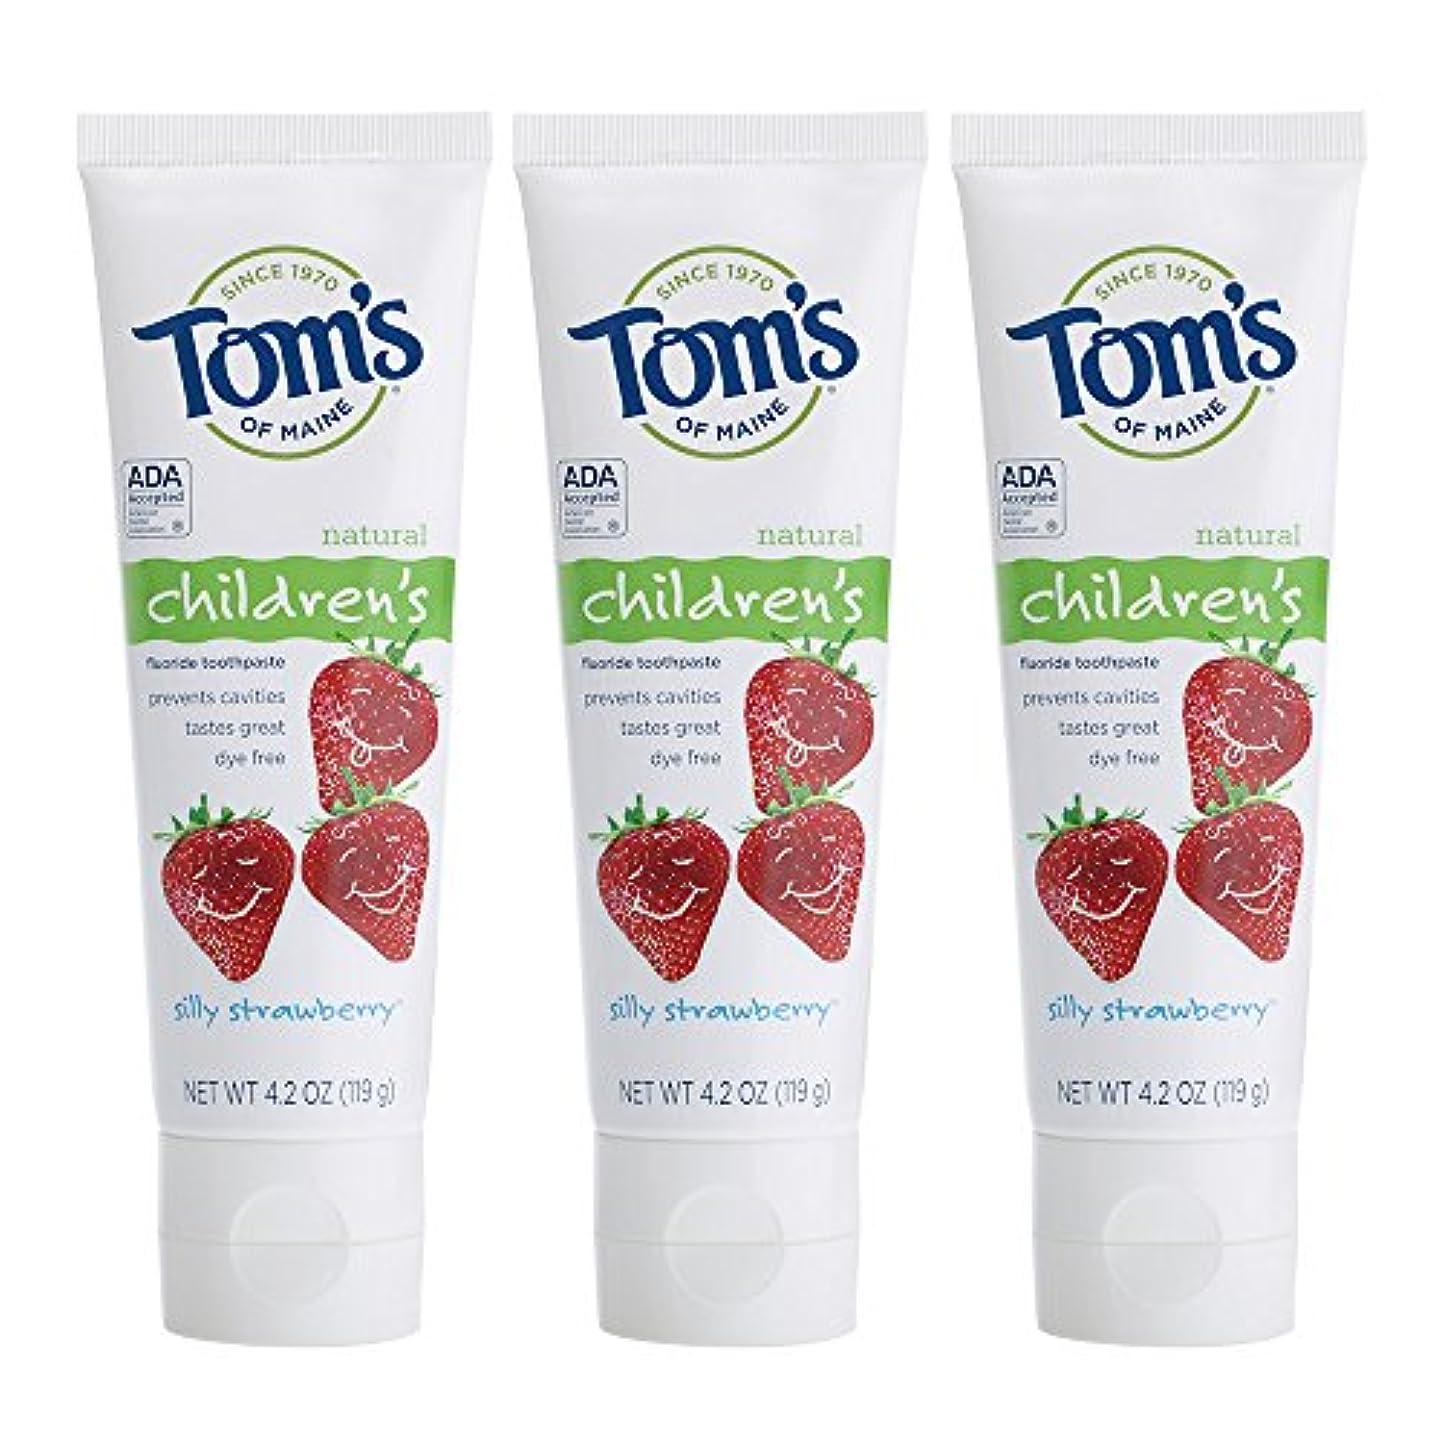 プランターアラーム生物学Tom's of Maine, Natural Children's Fluoride Toothpaste, Silly Strawberry, 4.2 oz (119 g)